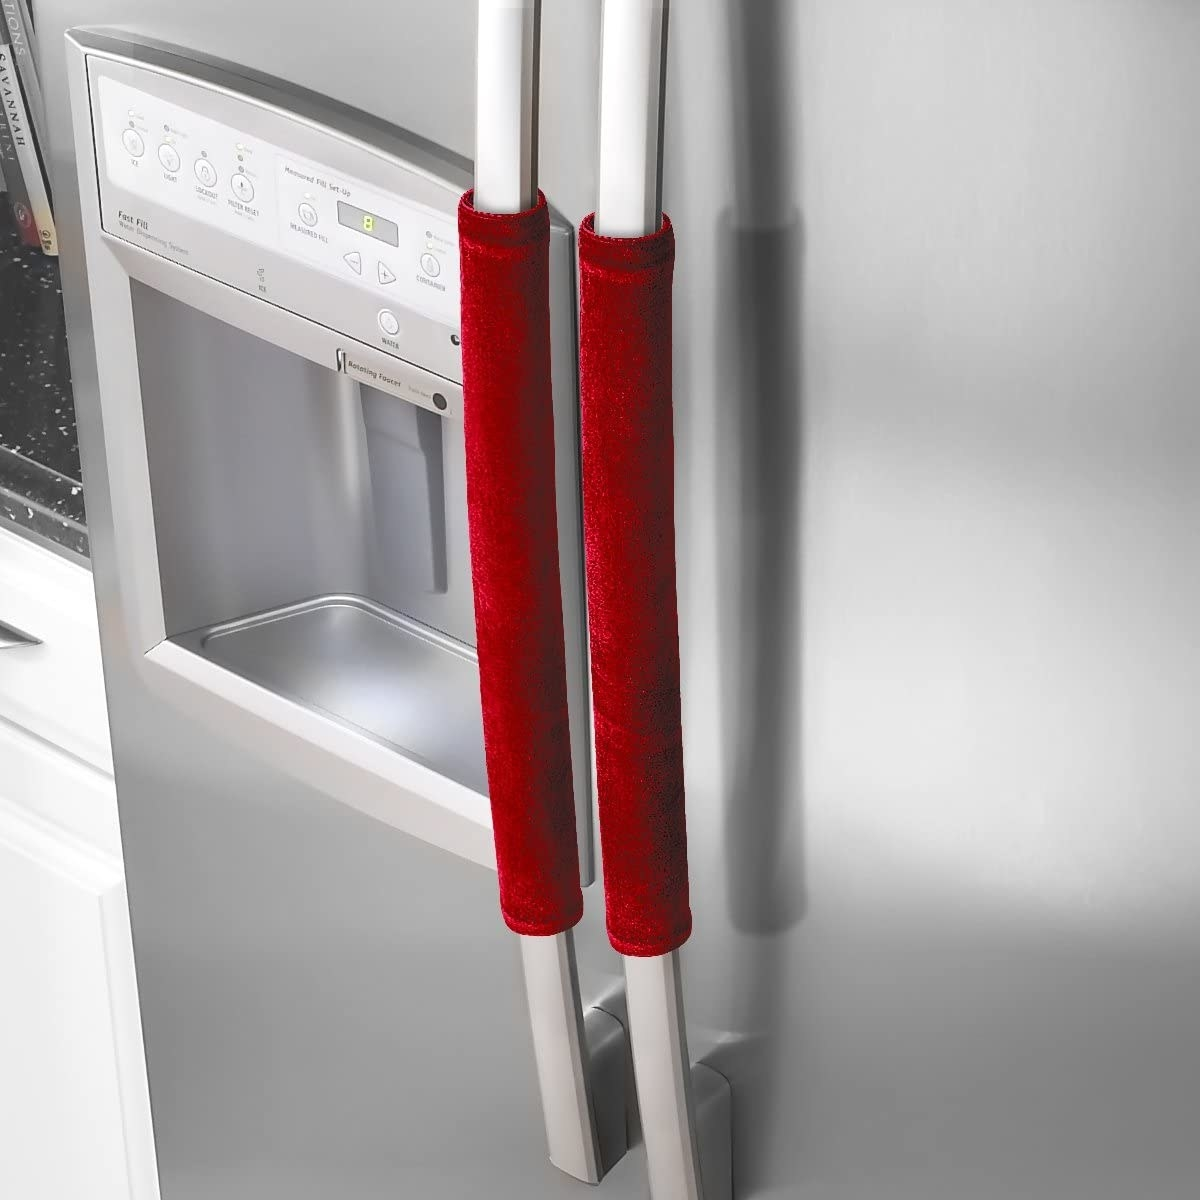 The door handle covers wrapped around two fridge door handles